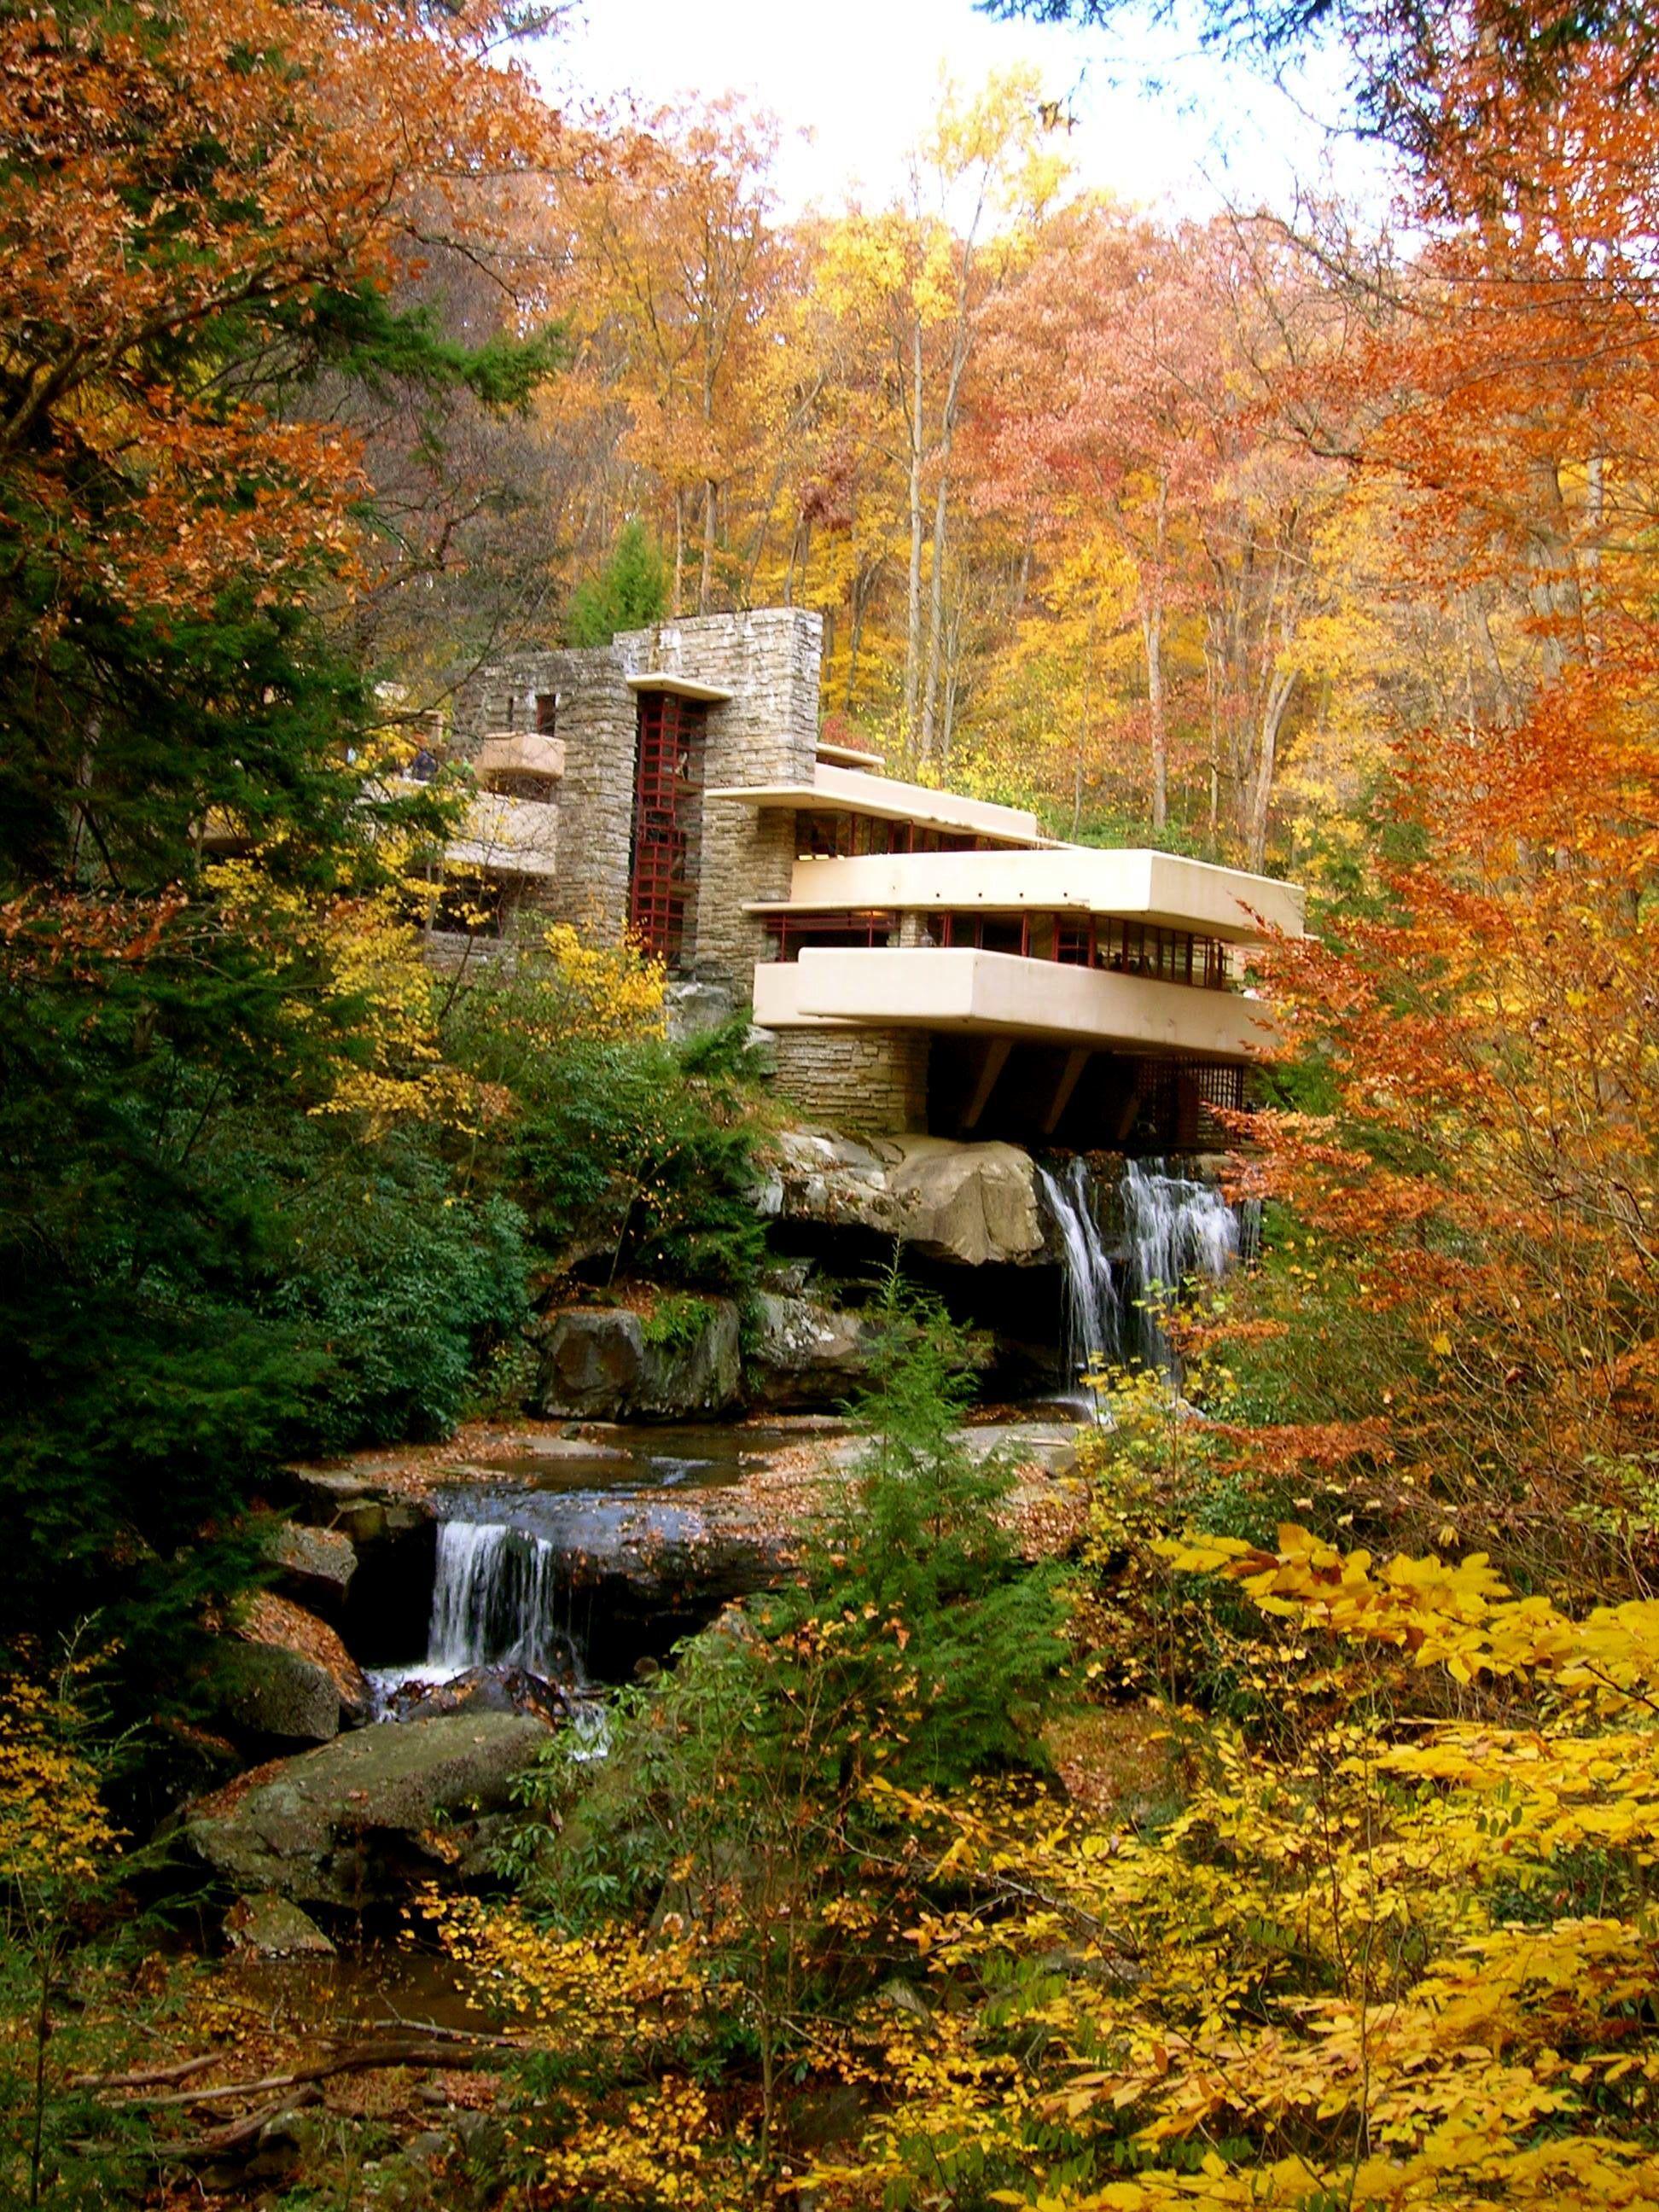 Frank Lloyd Wright Falling Water Wallpaper Frifotos Fallingwater In Fall Amanda Elsewhere